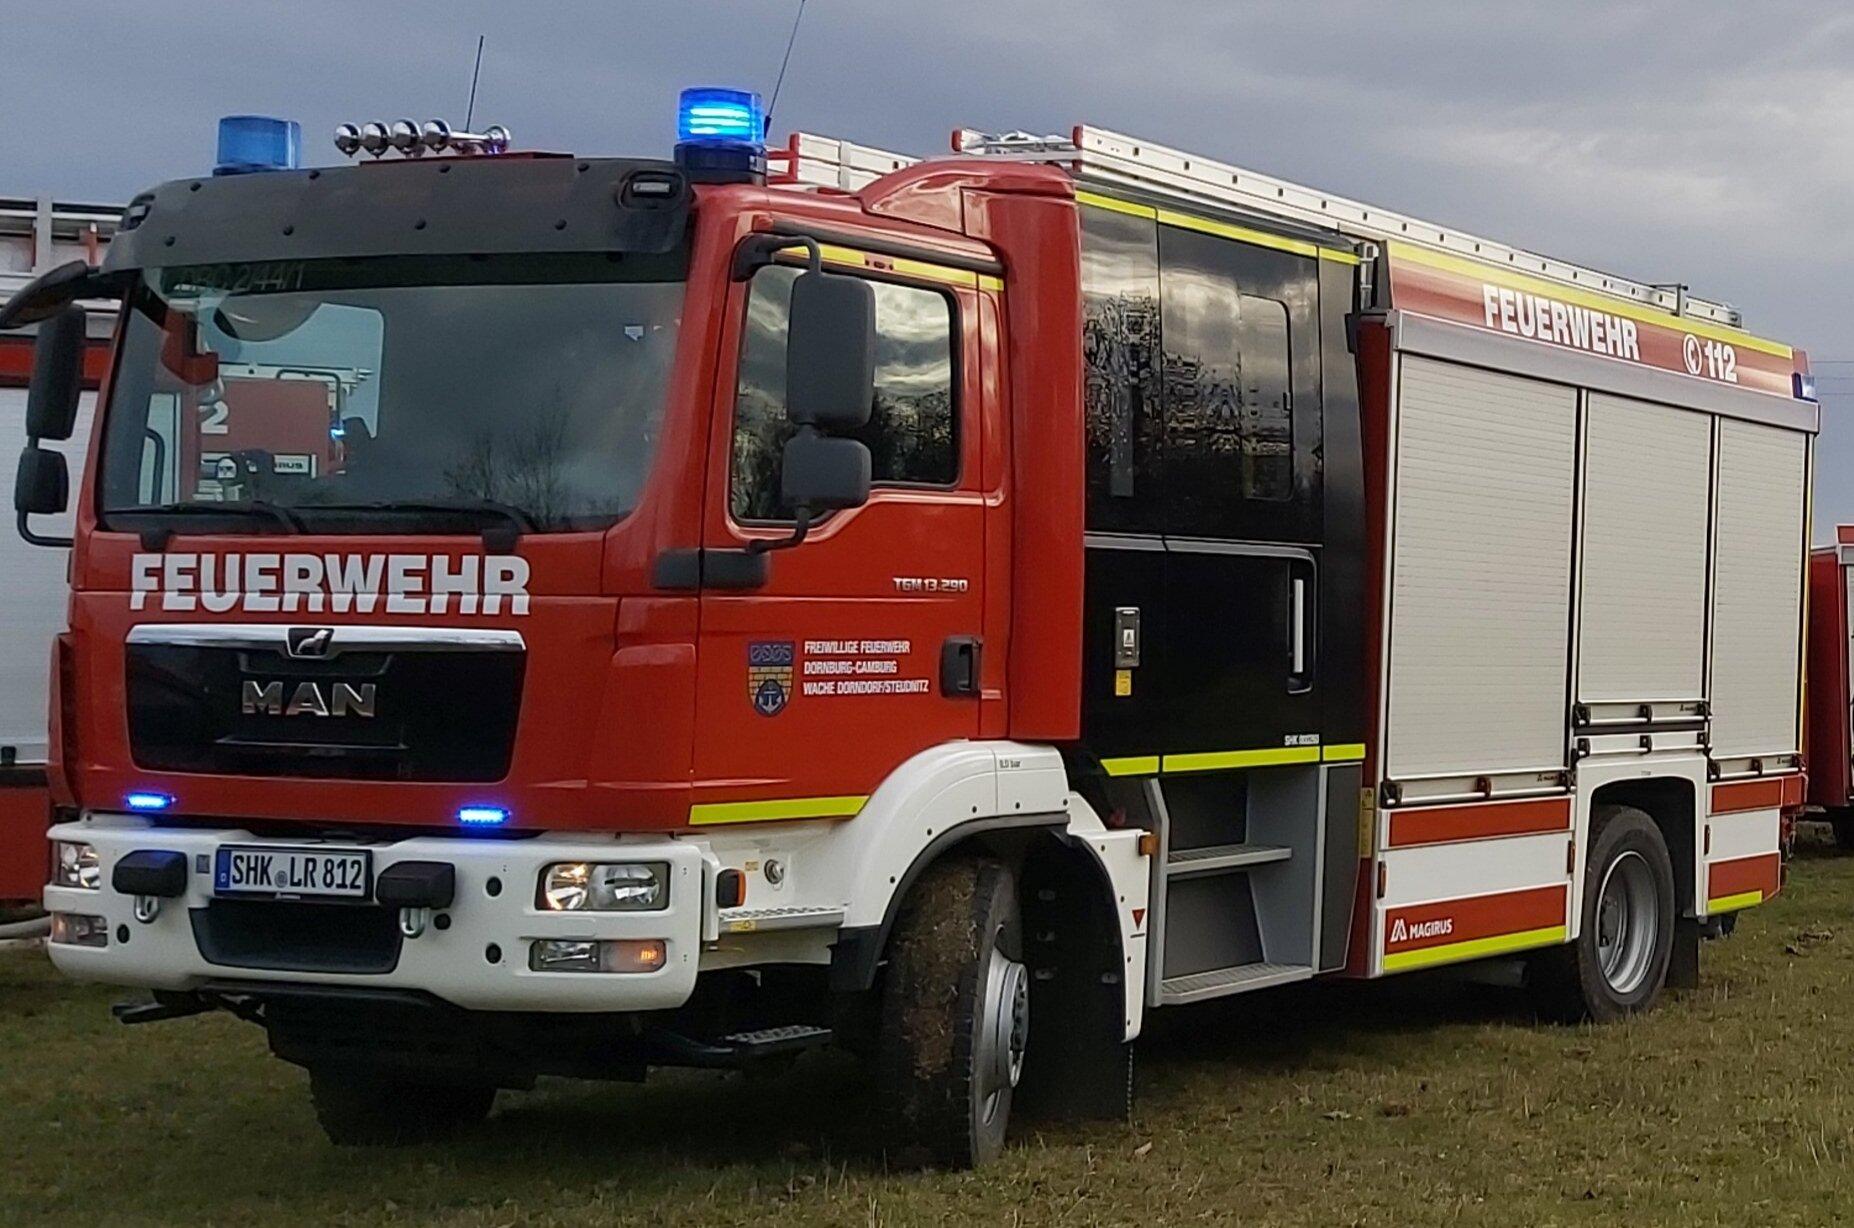 HLF 20/20 Feuerwehr Dornburg- Camburg Wache 2